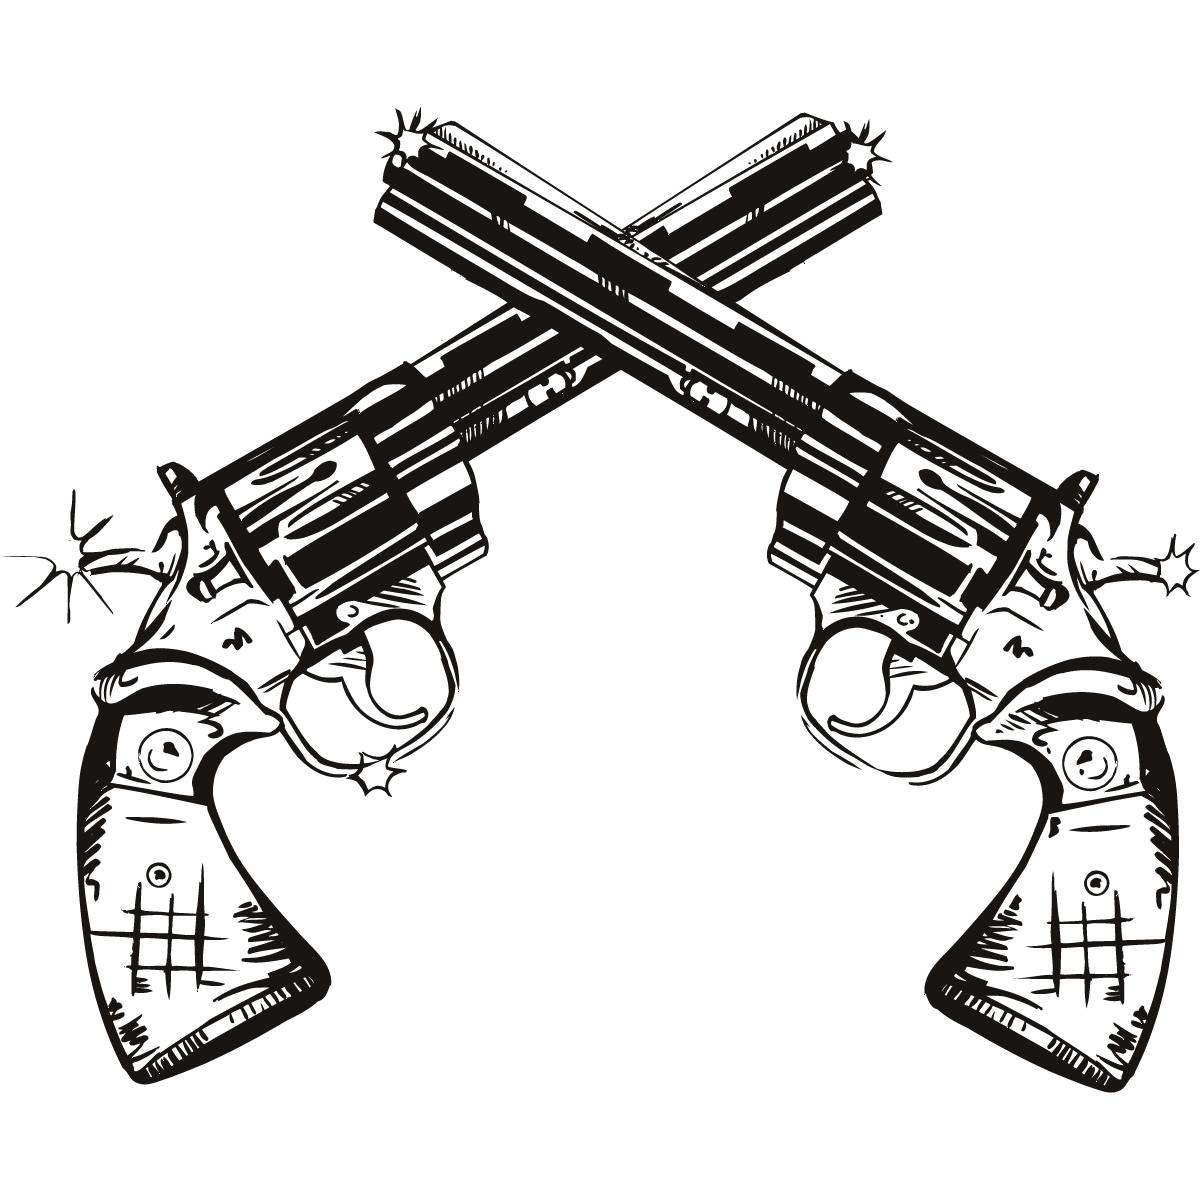 Drawn pistol western gun Gun Images Decal Art Clipartner